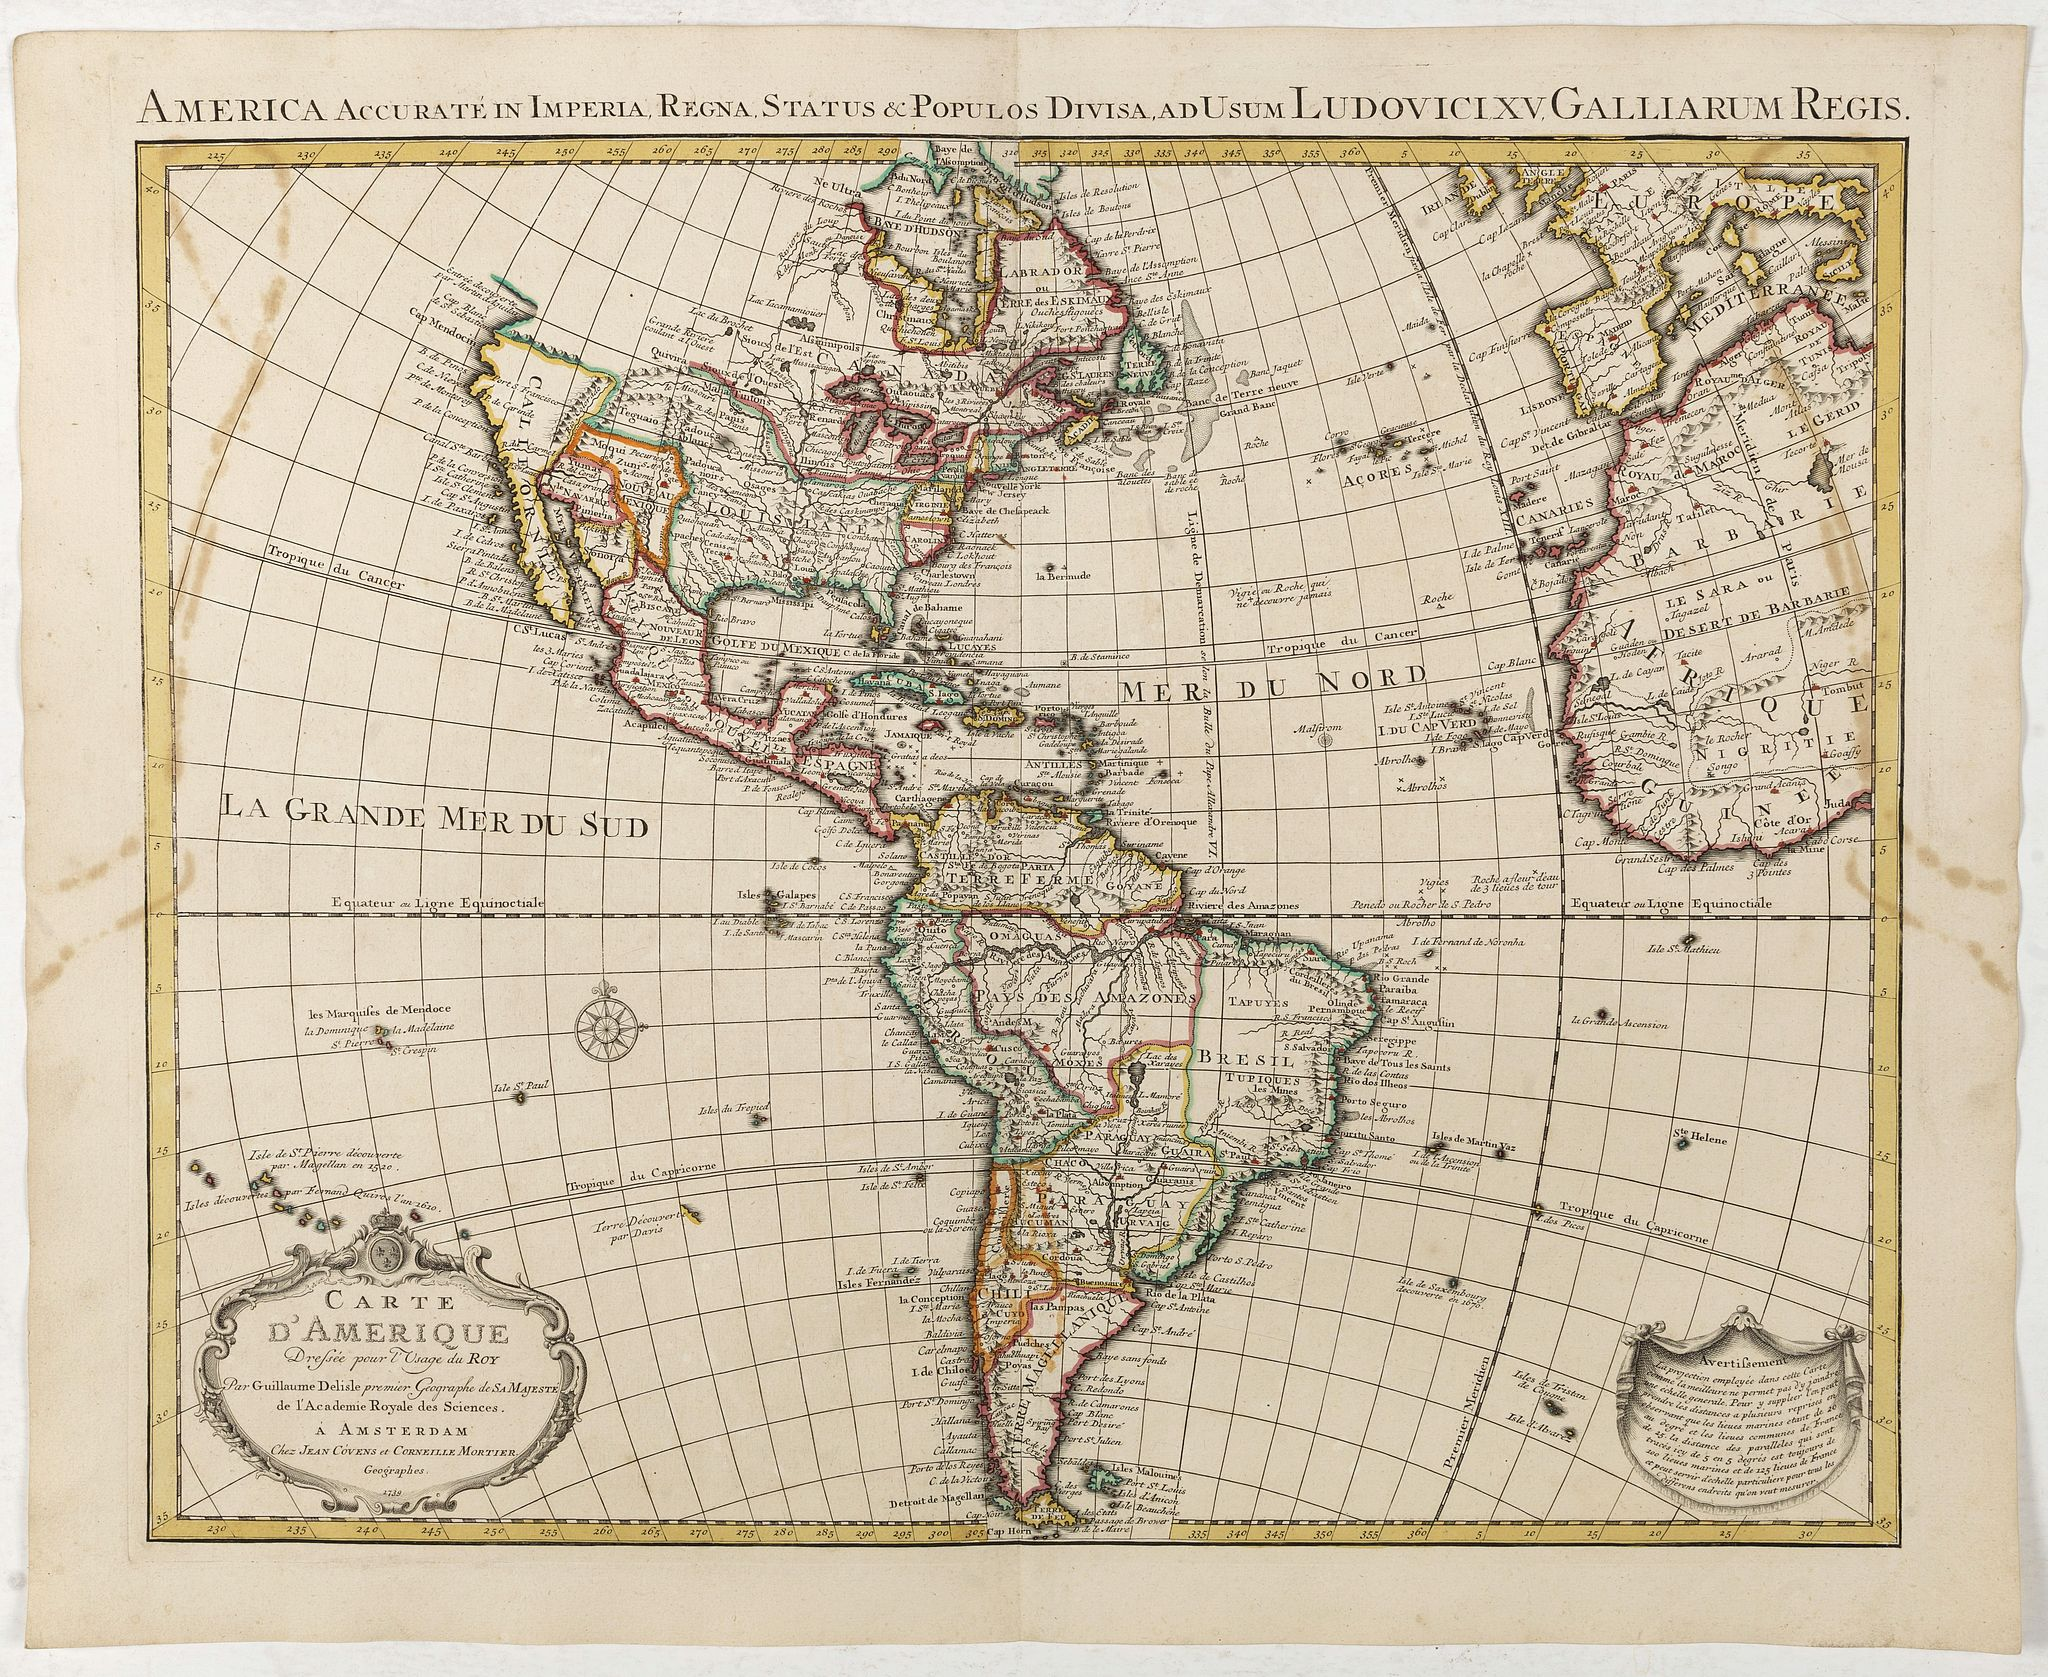 COVENS, J. / MORTIER, C. -  Carte d'Amerique dressée par l'usage du Roy..